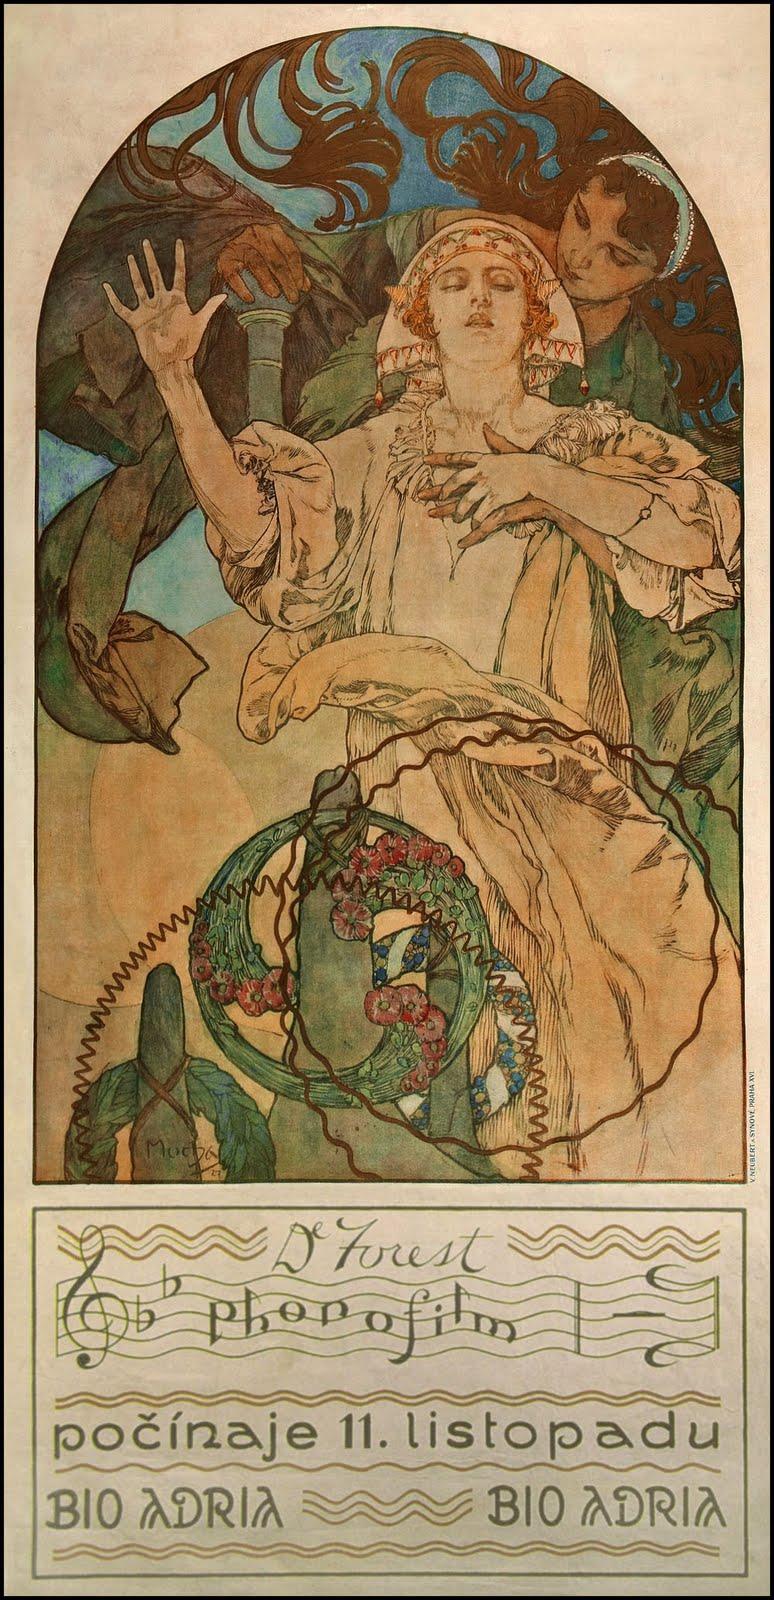 Плакат De Forest phonofilm-1927